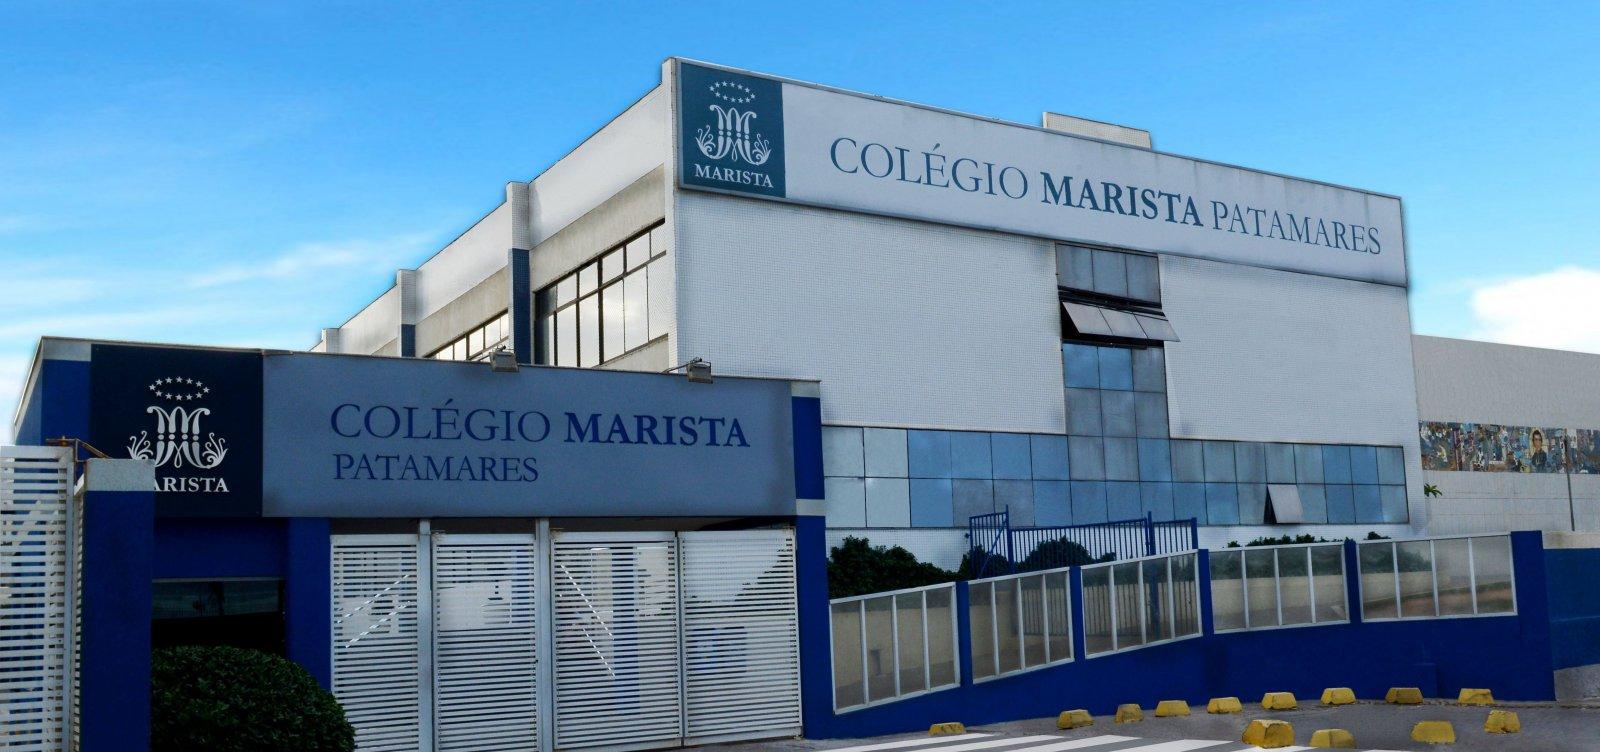 Estudante do Colégio Marista é suspenso após postar imagem de ataque em Columbine